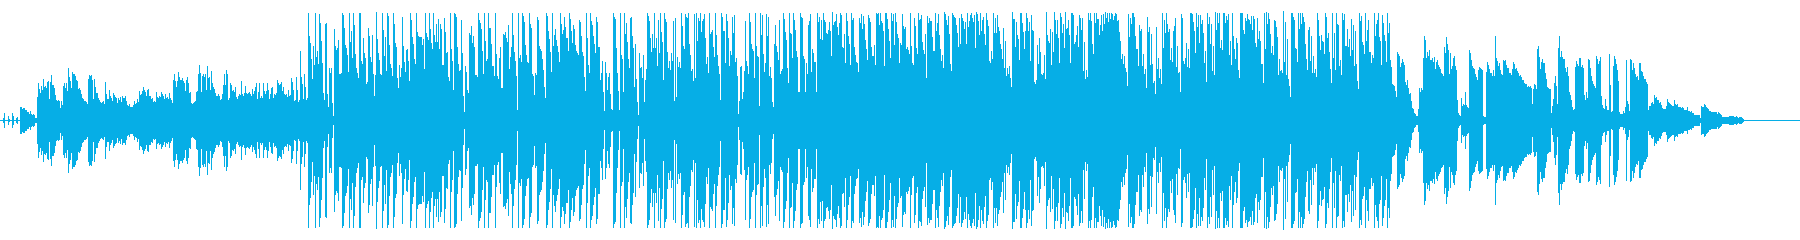 ふわふわkawaiiエレクトロポップの再生済みの波形